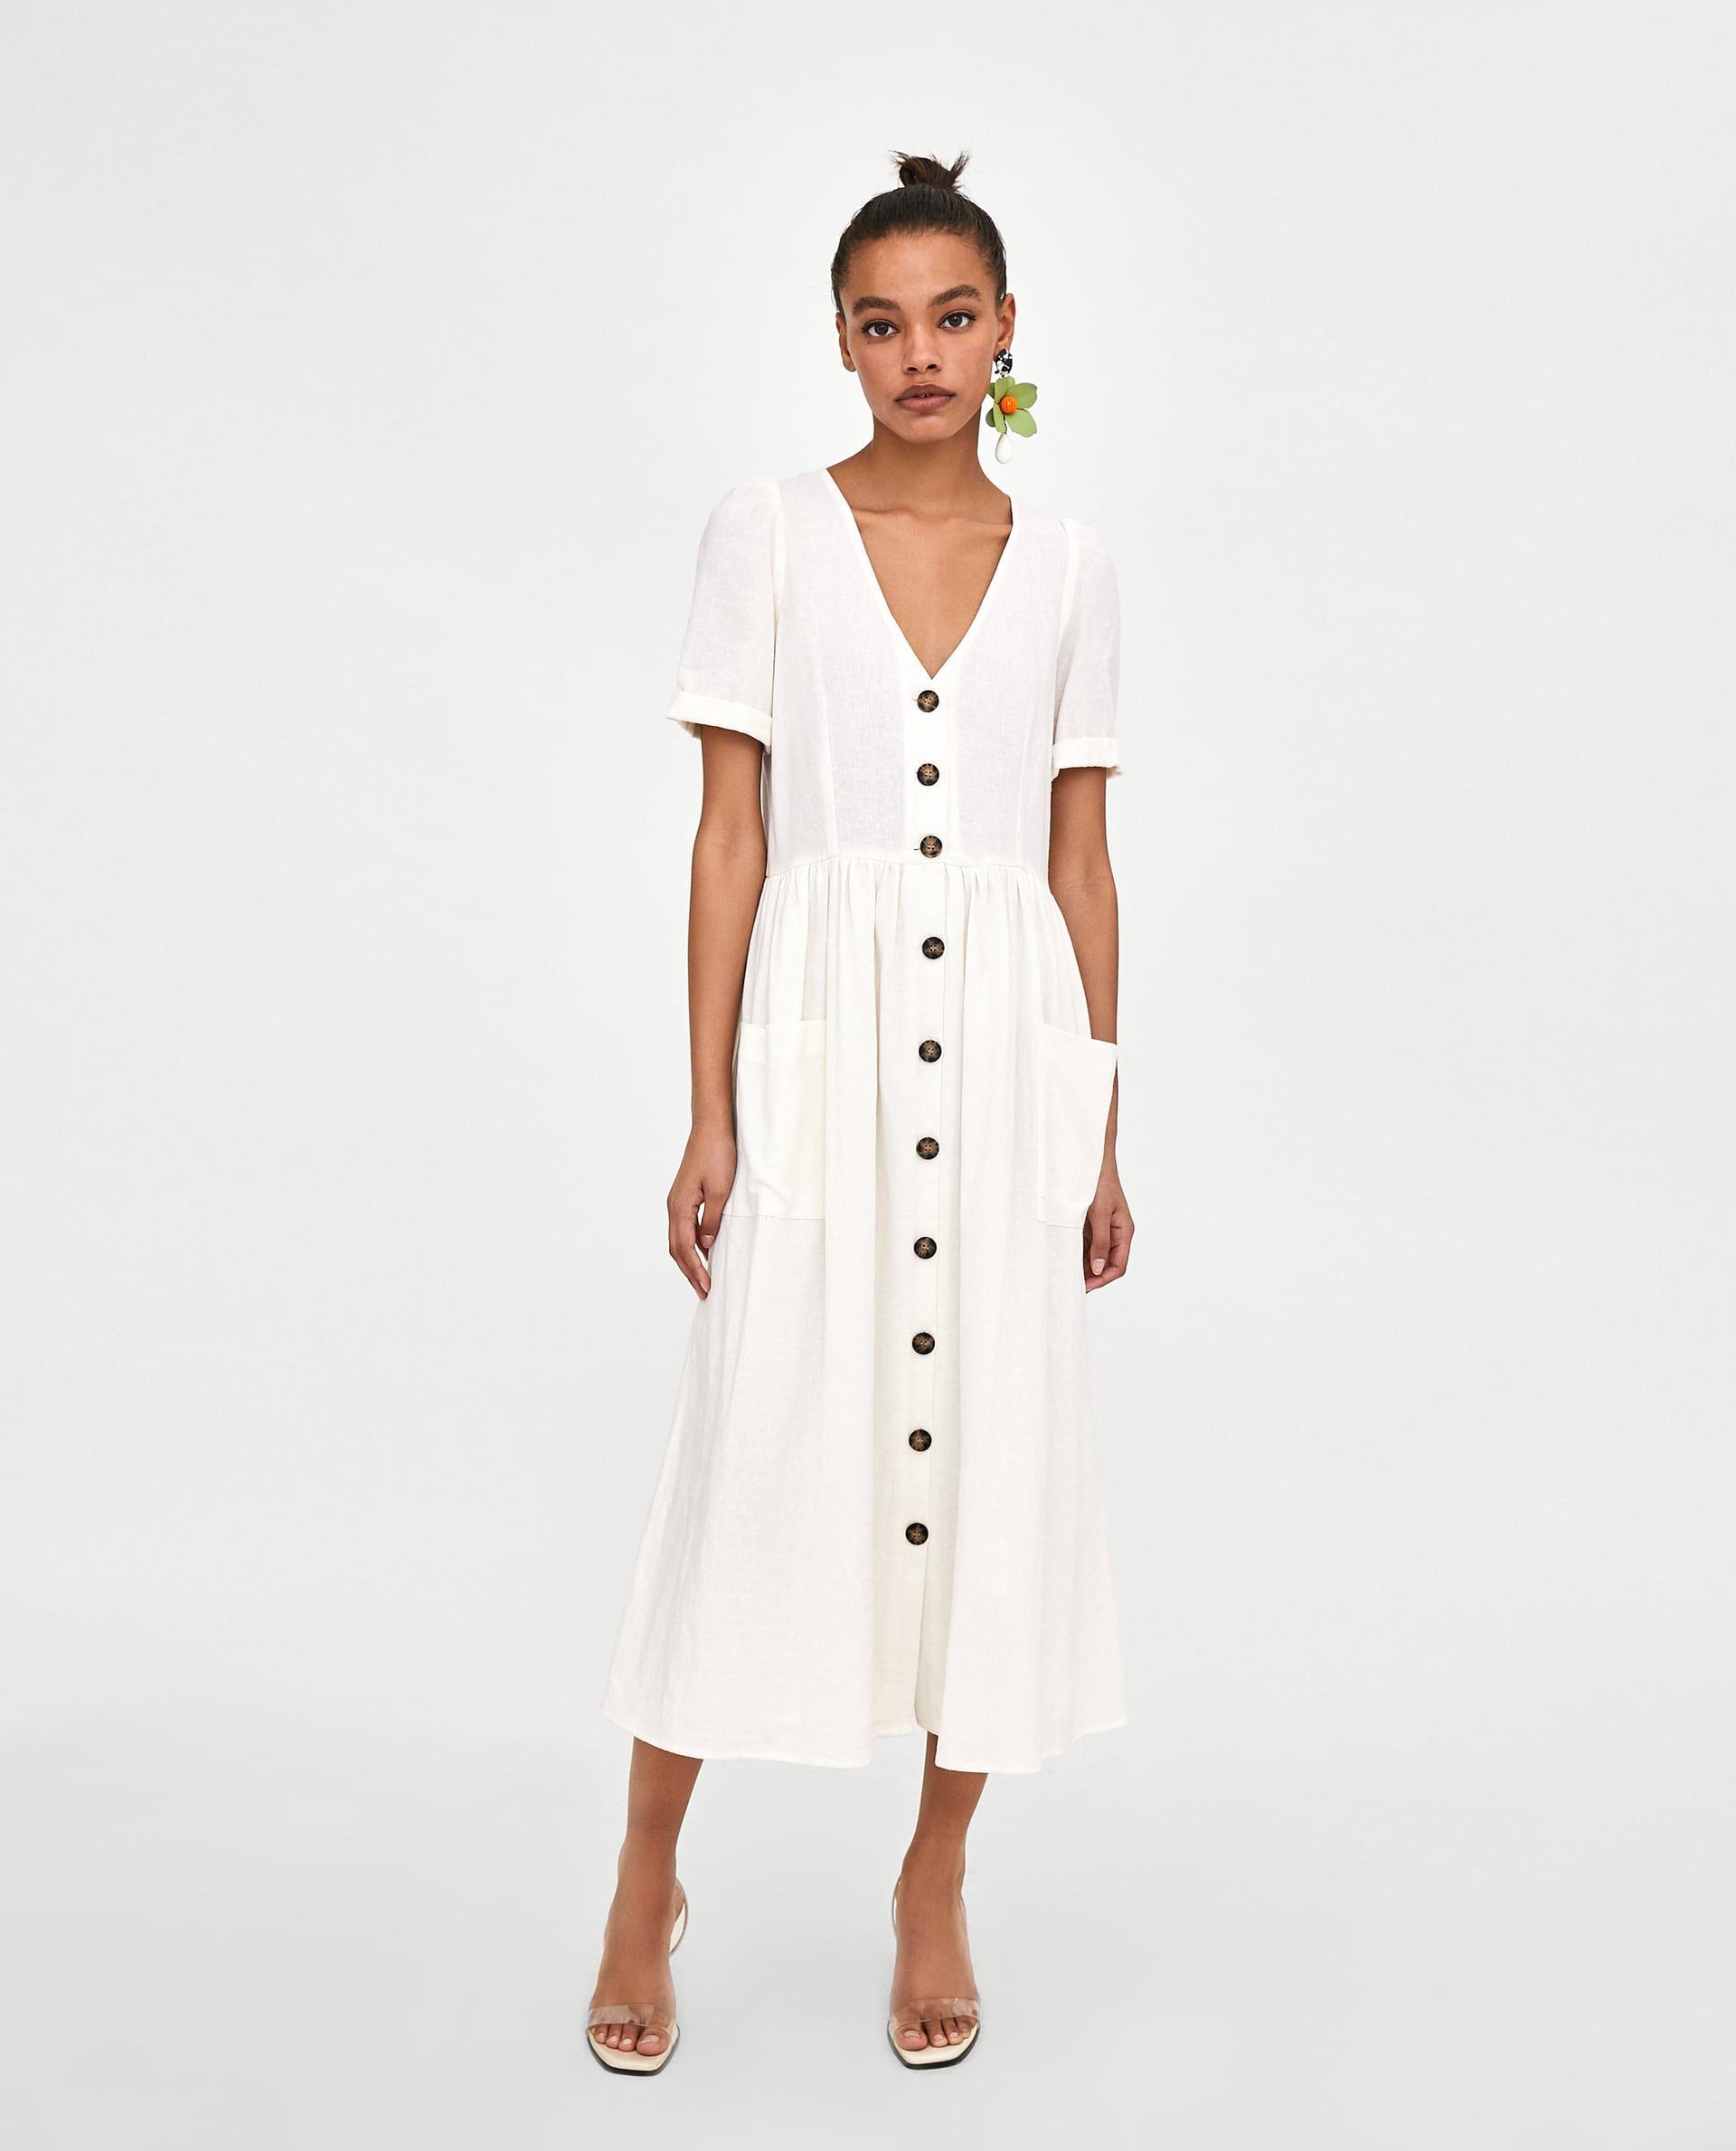 1651115a4 VESTIDO MIDI BOTONES in 2019 | spring/summer | Dresses, Zara dresses ...